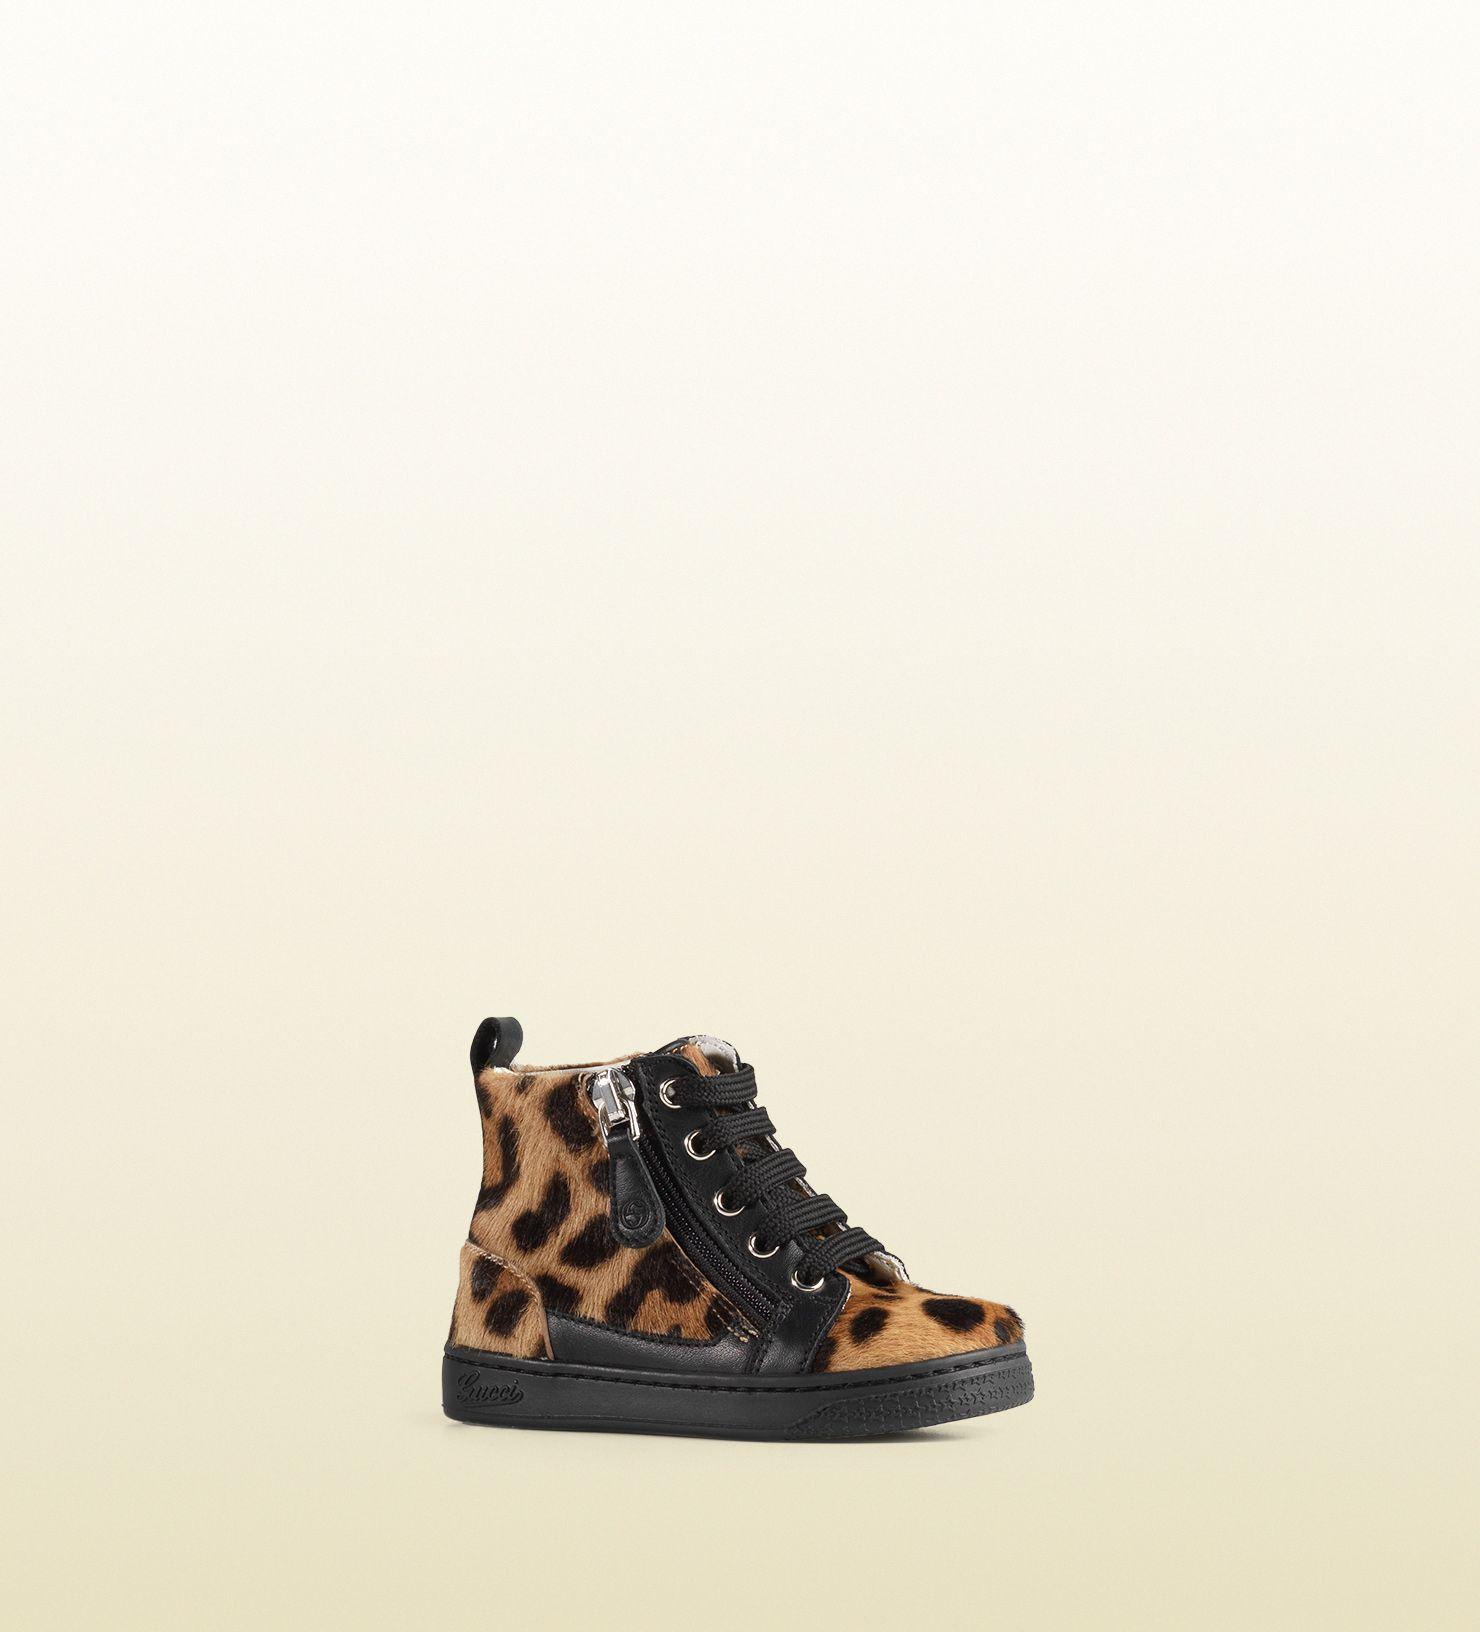 8b9adedee5e Gucci - toddler jaguar print high-top sneaker